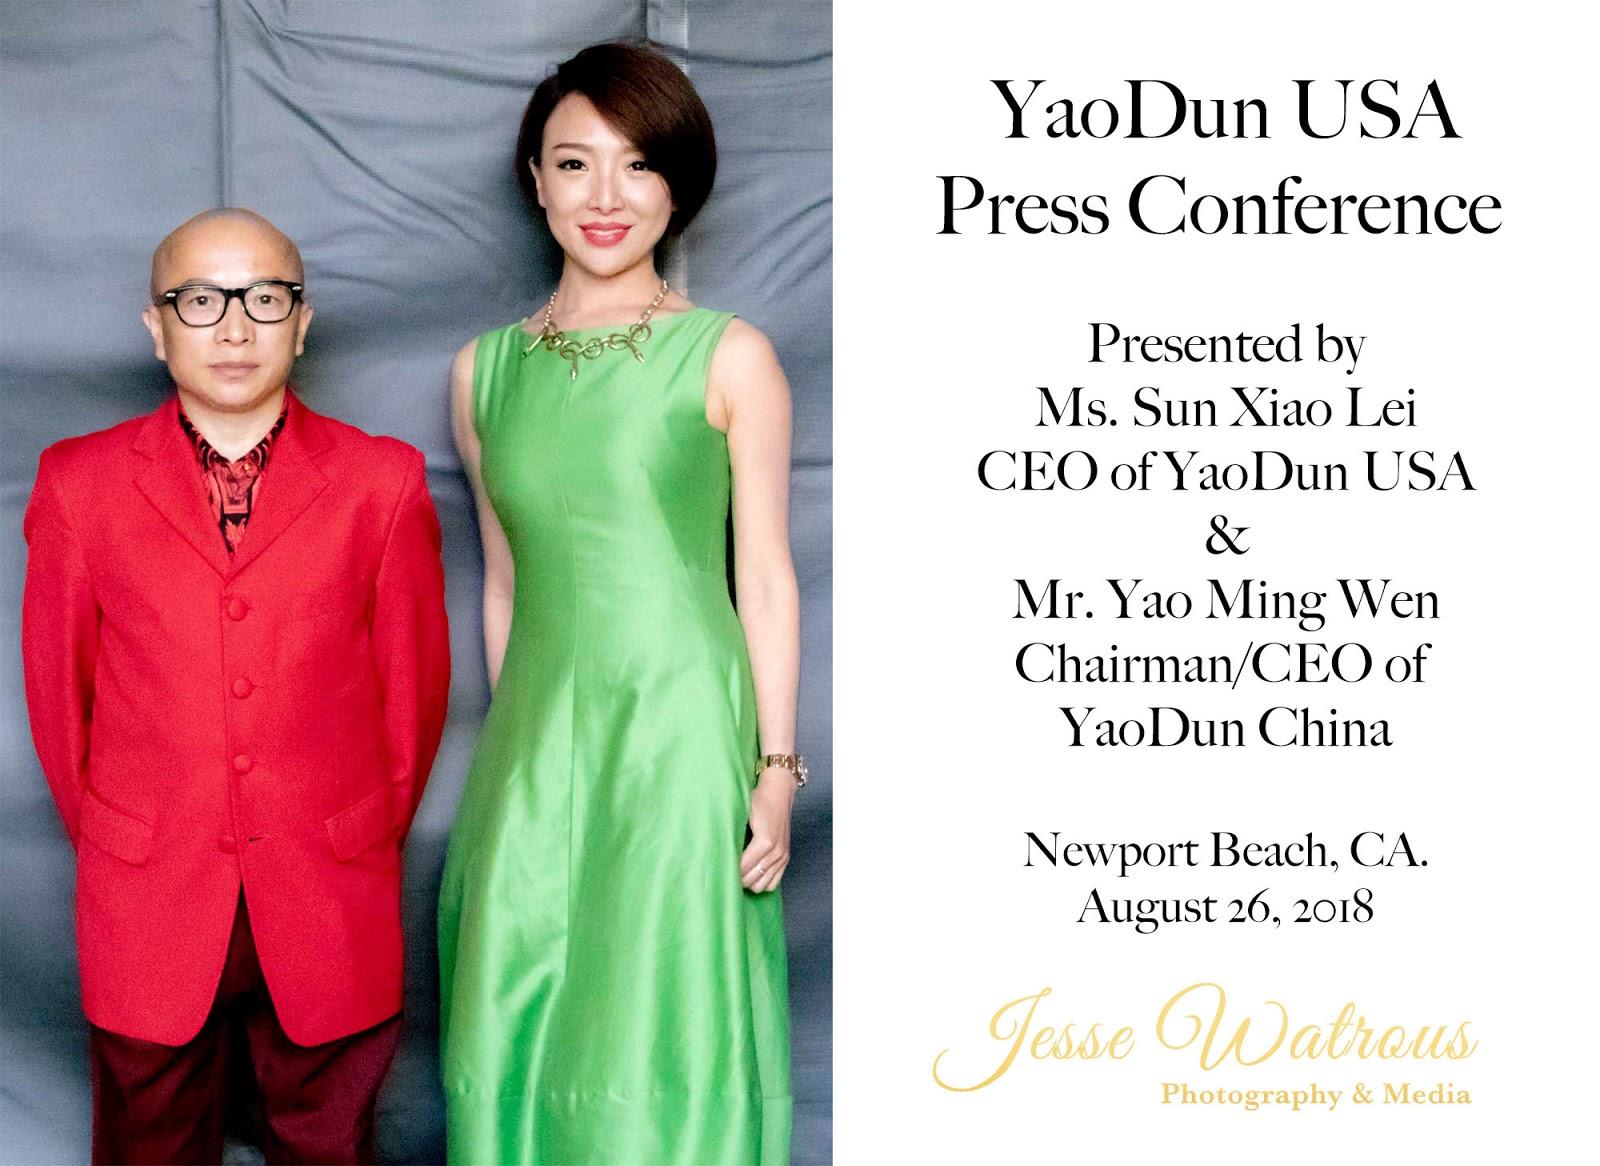 YaoDun USA Press Conference | Newport Beach, CA.